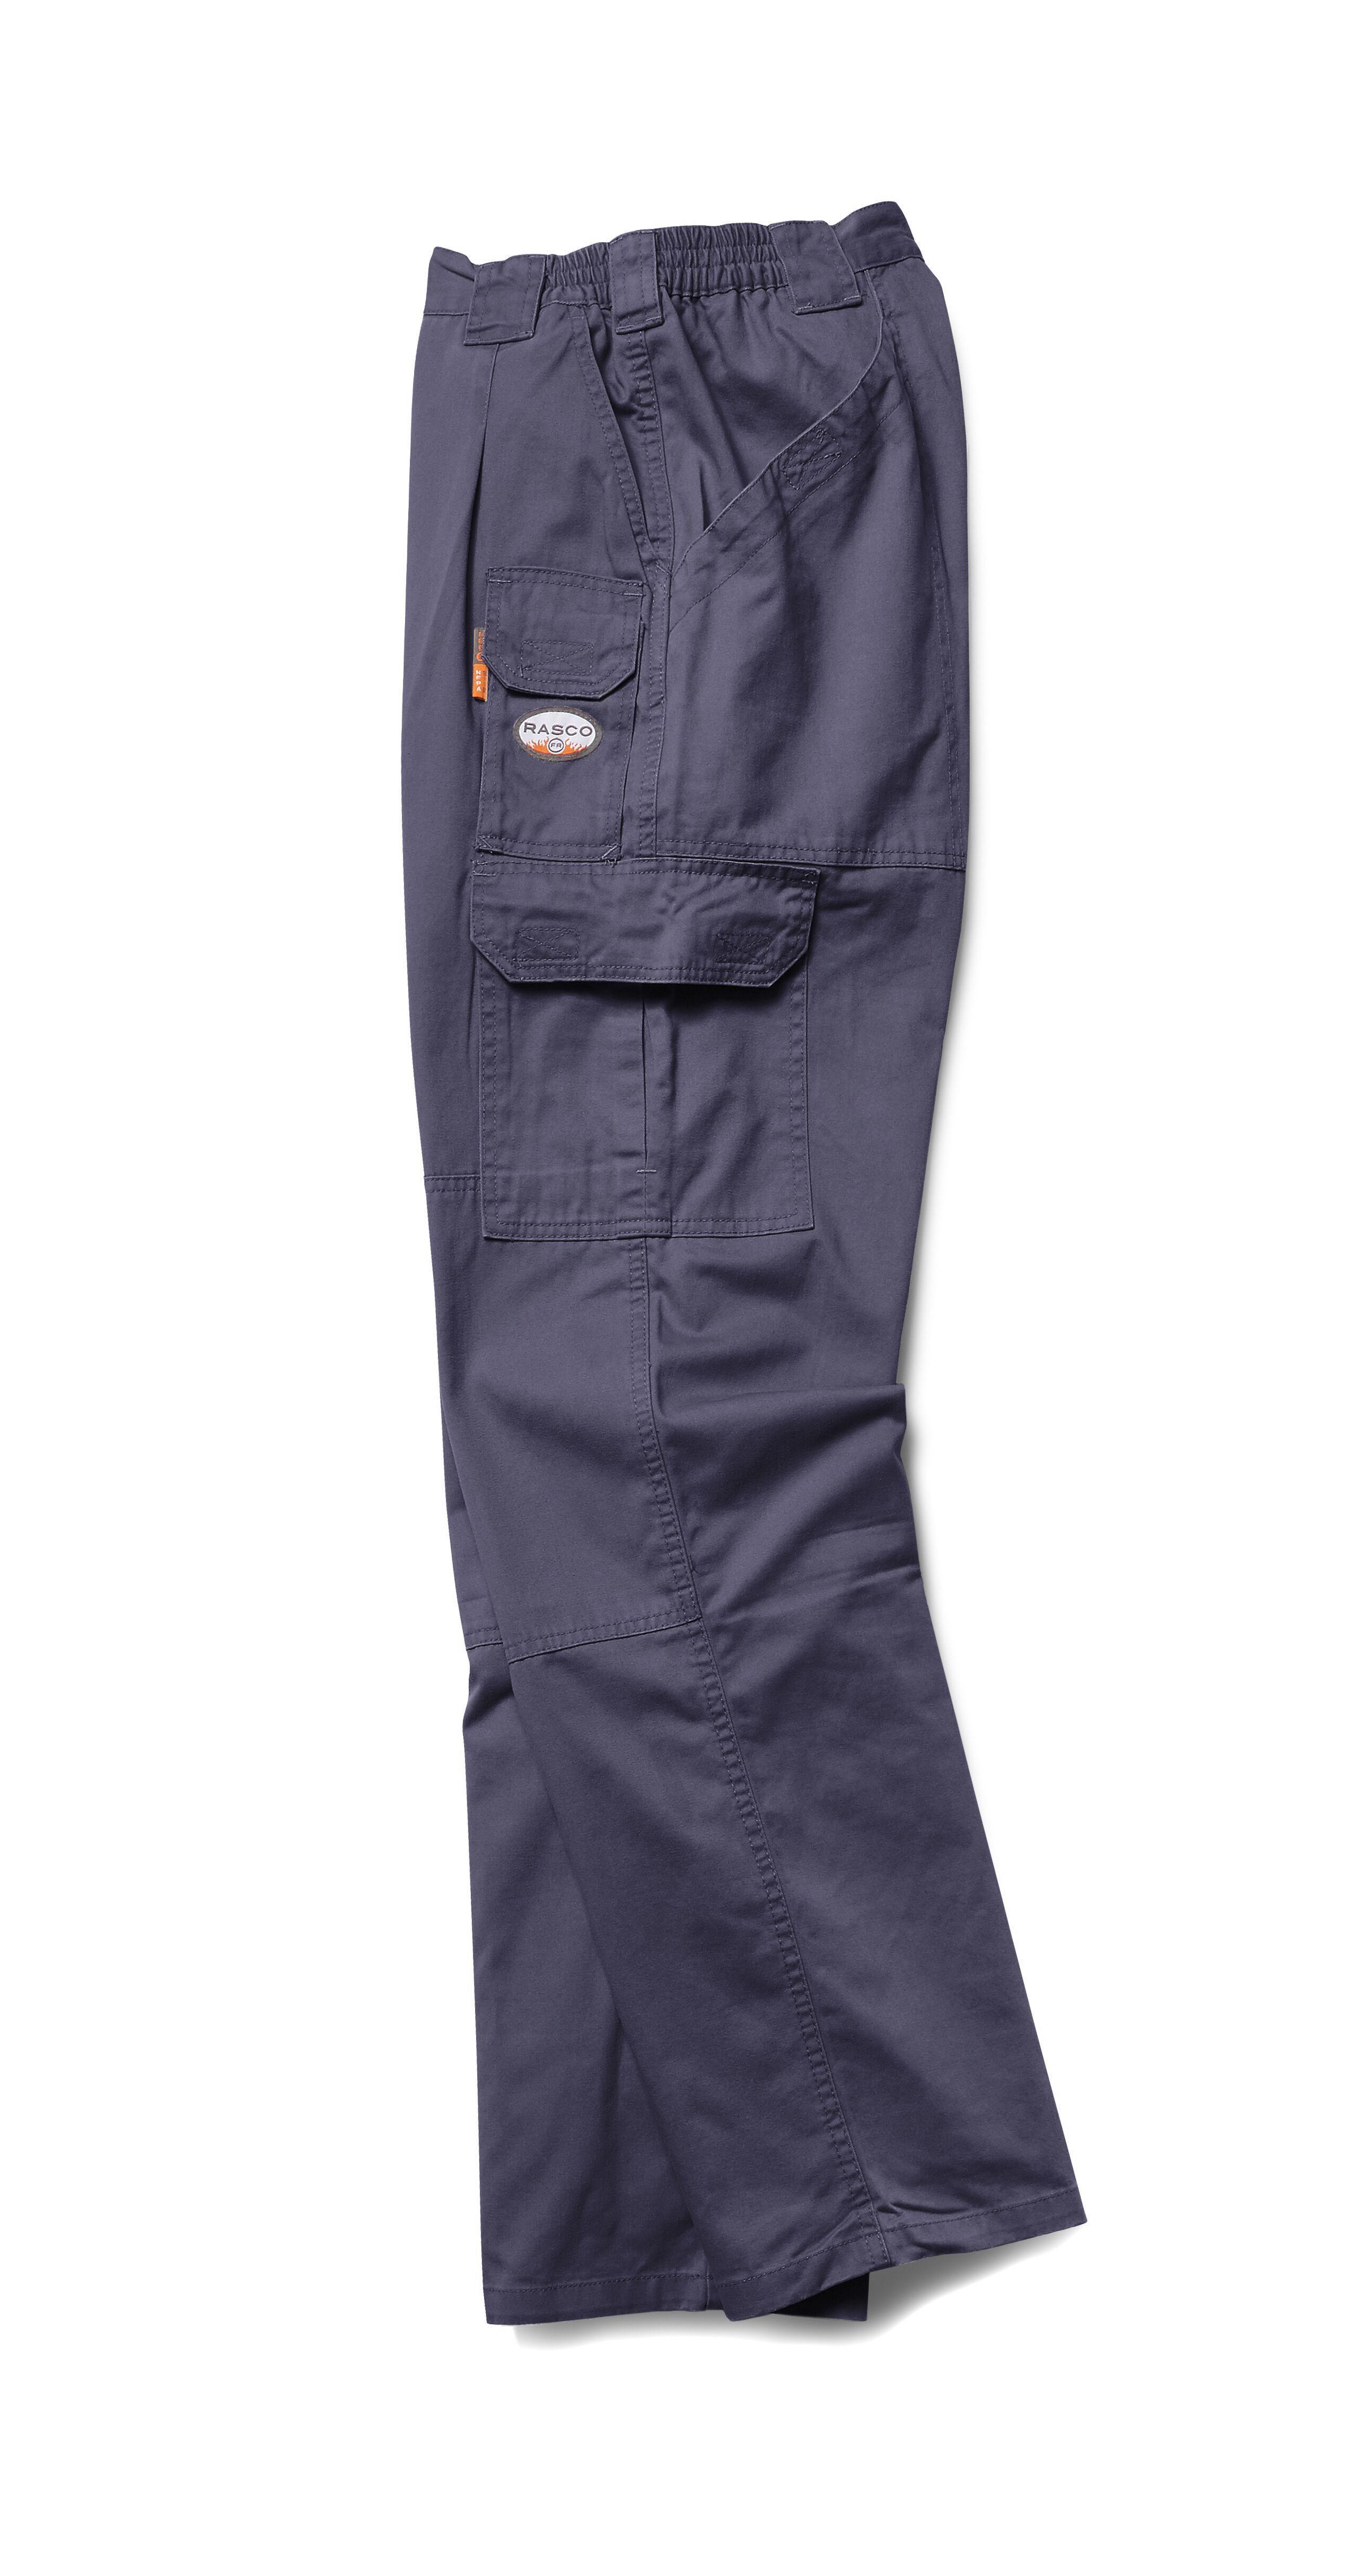 Fr8303 Field Pants